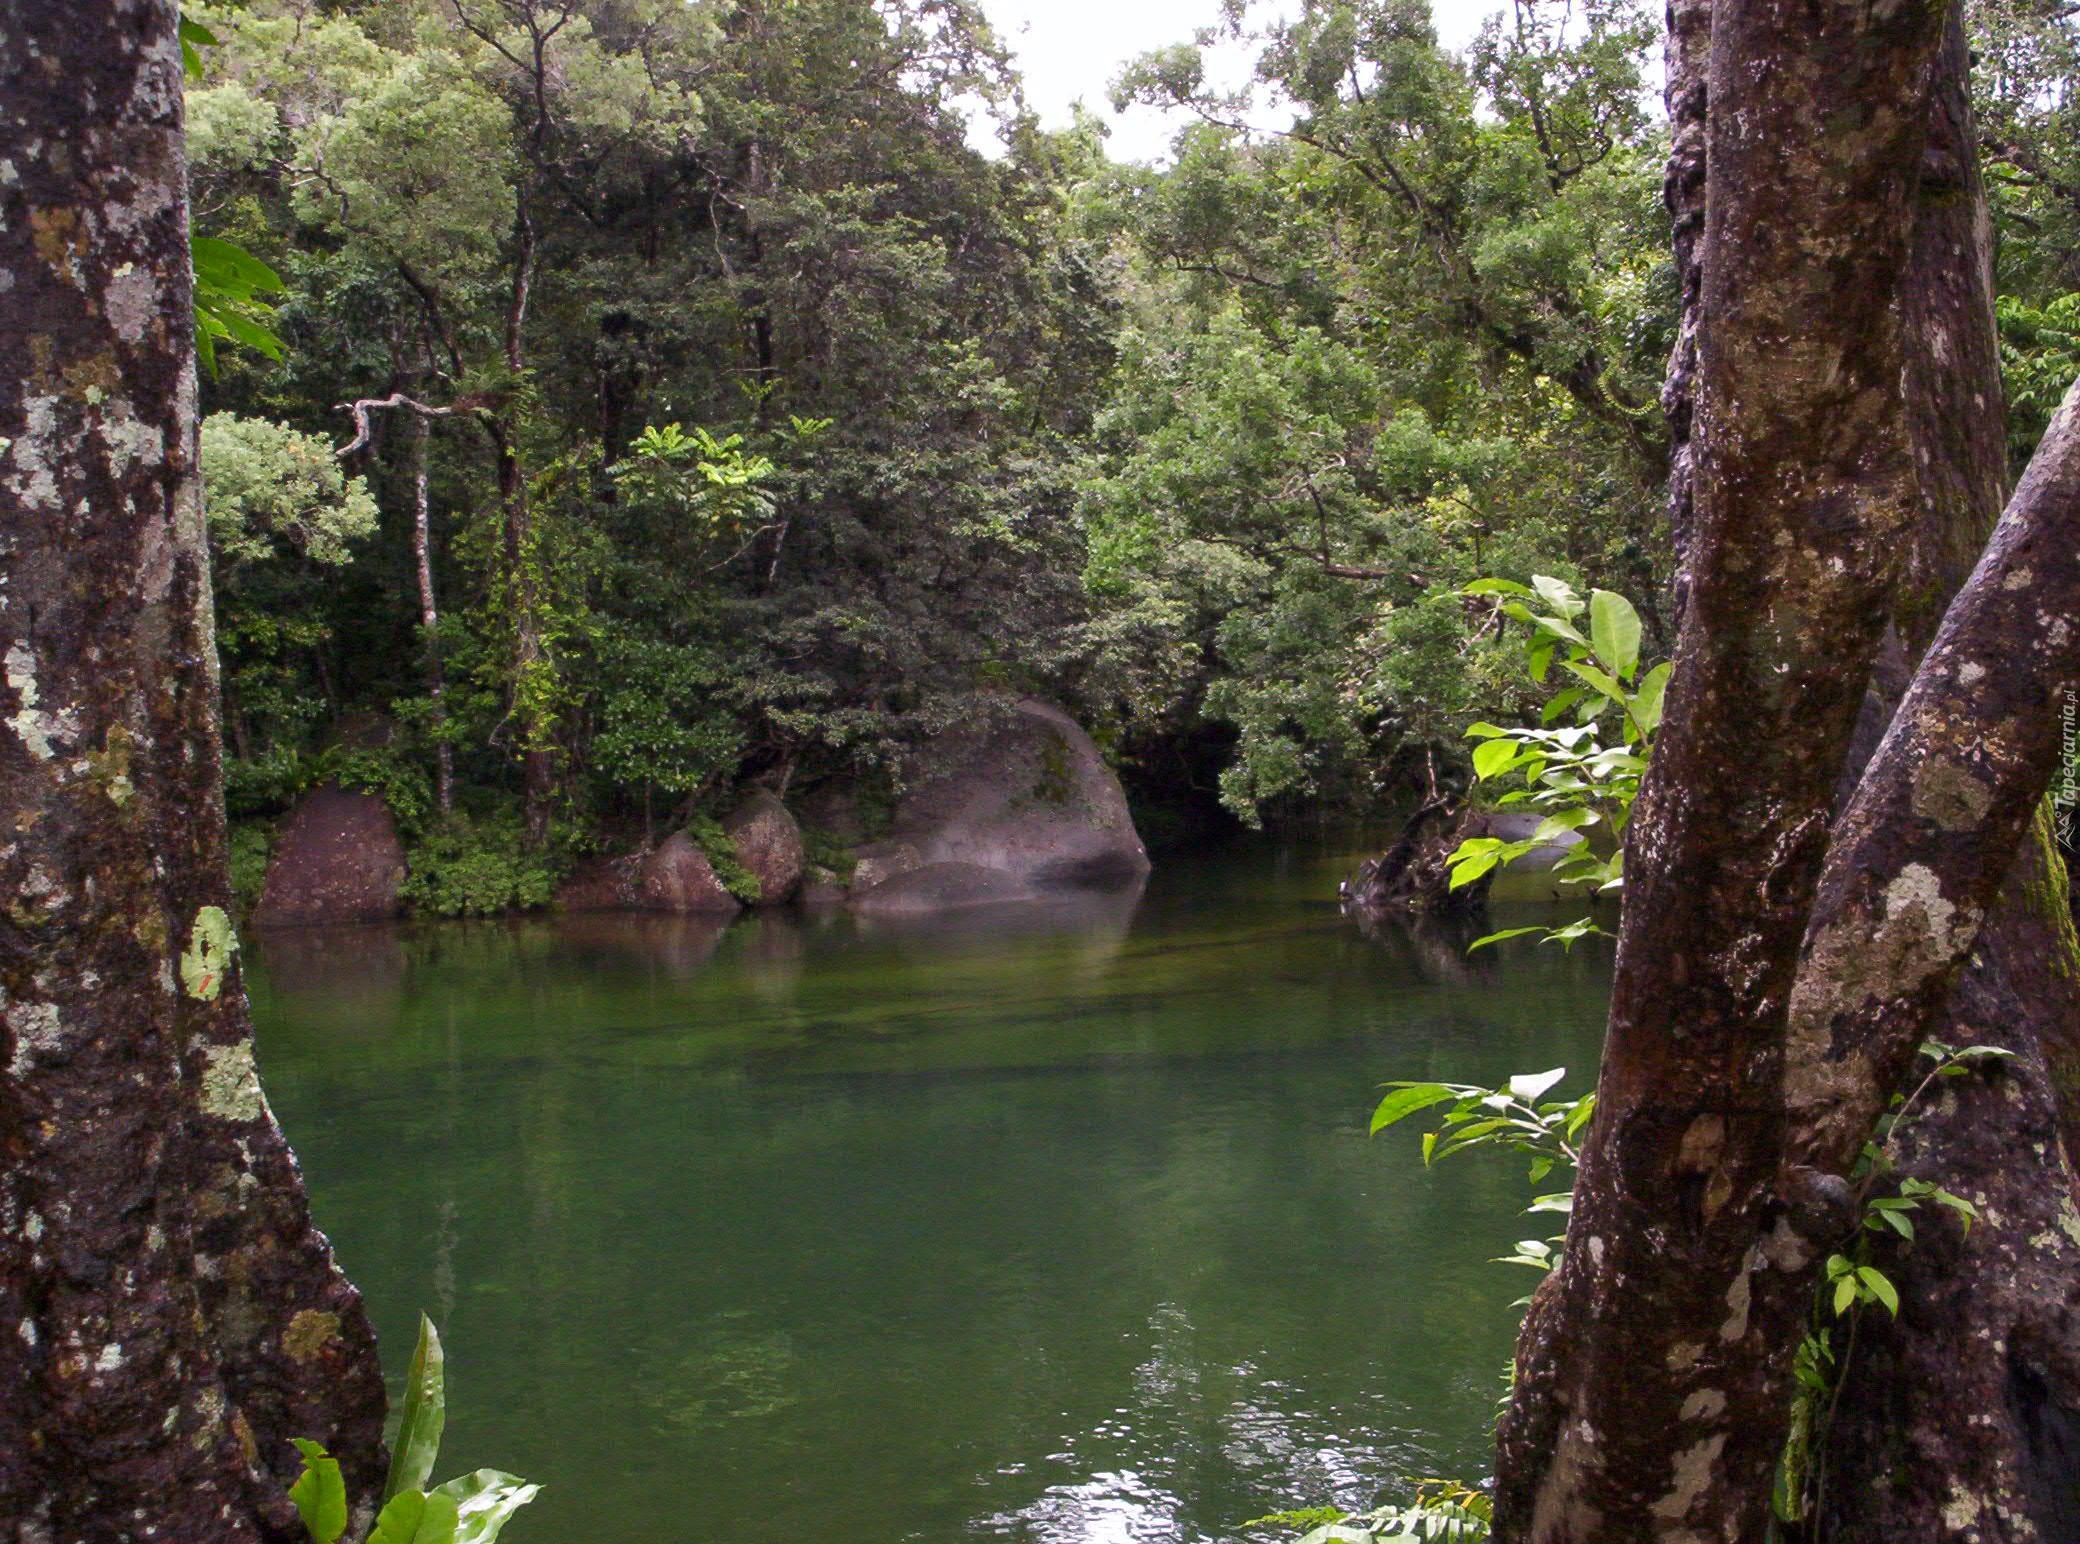 Babinda Australia  city images : Rzeka, Drzewa, Kamienie, Babinda, Australia